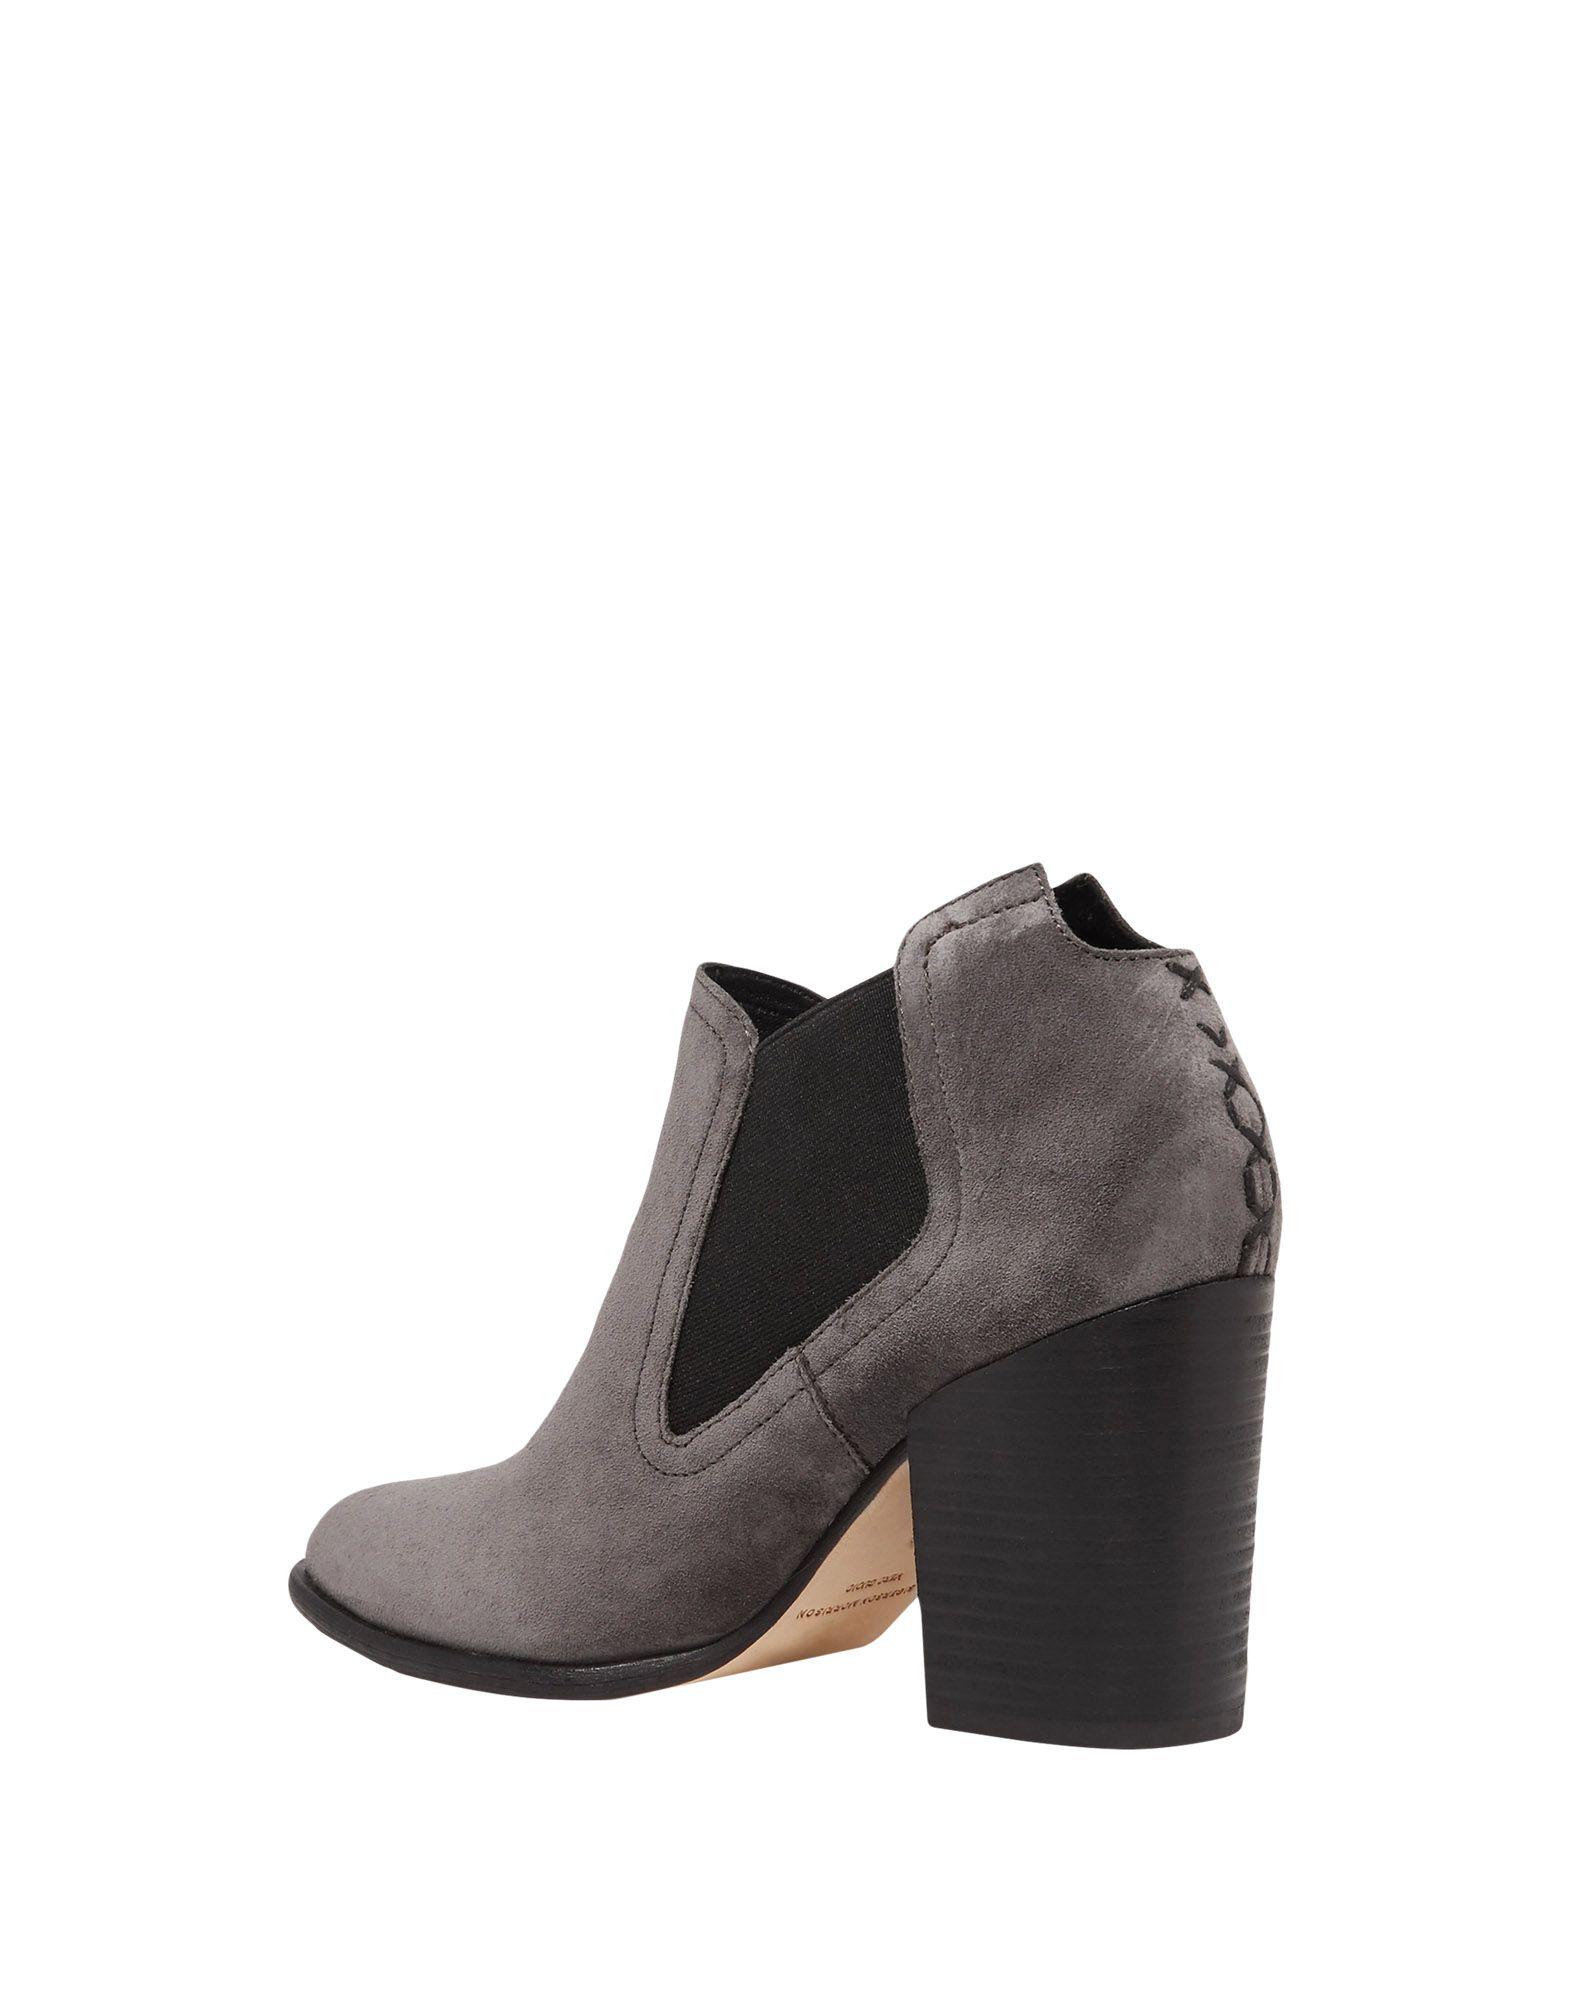 Sigerson Morrison Stiefelette strapazierfähige Damen  11512473EUGut aussehende strapazierfähige Stiefelette Schuhe 9d87de